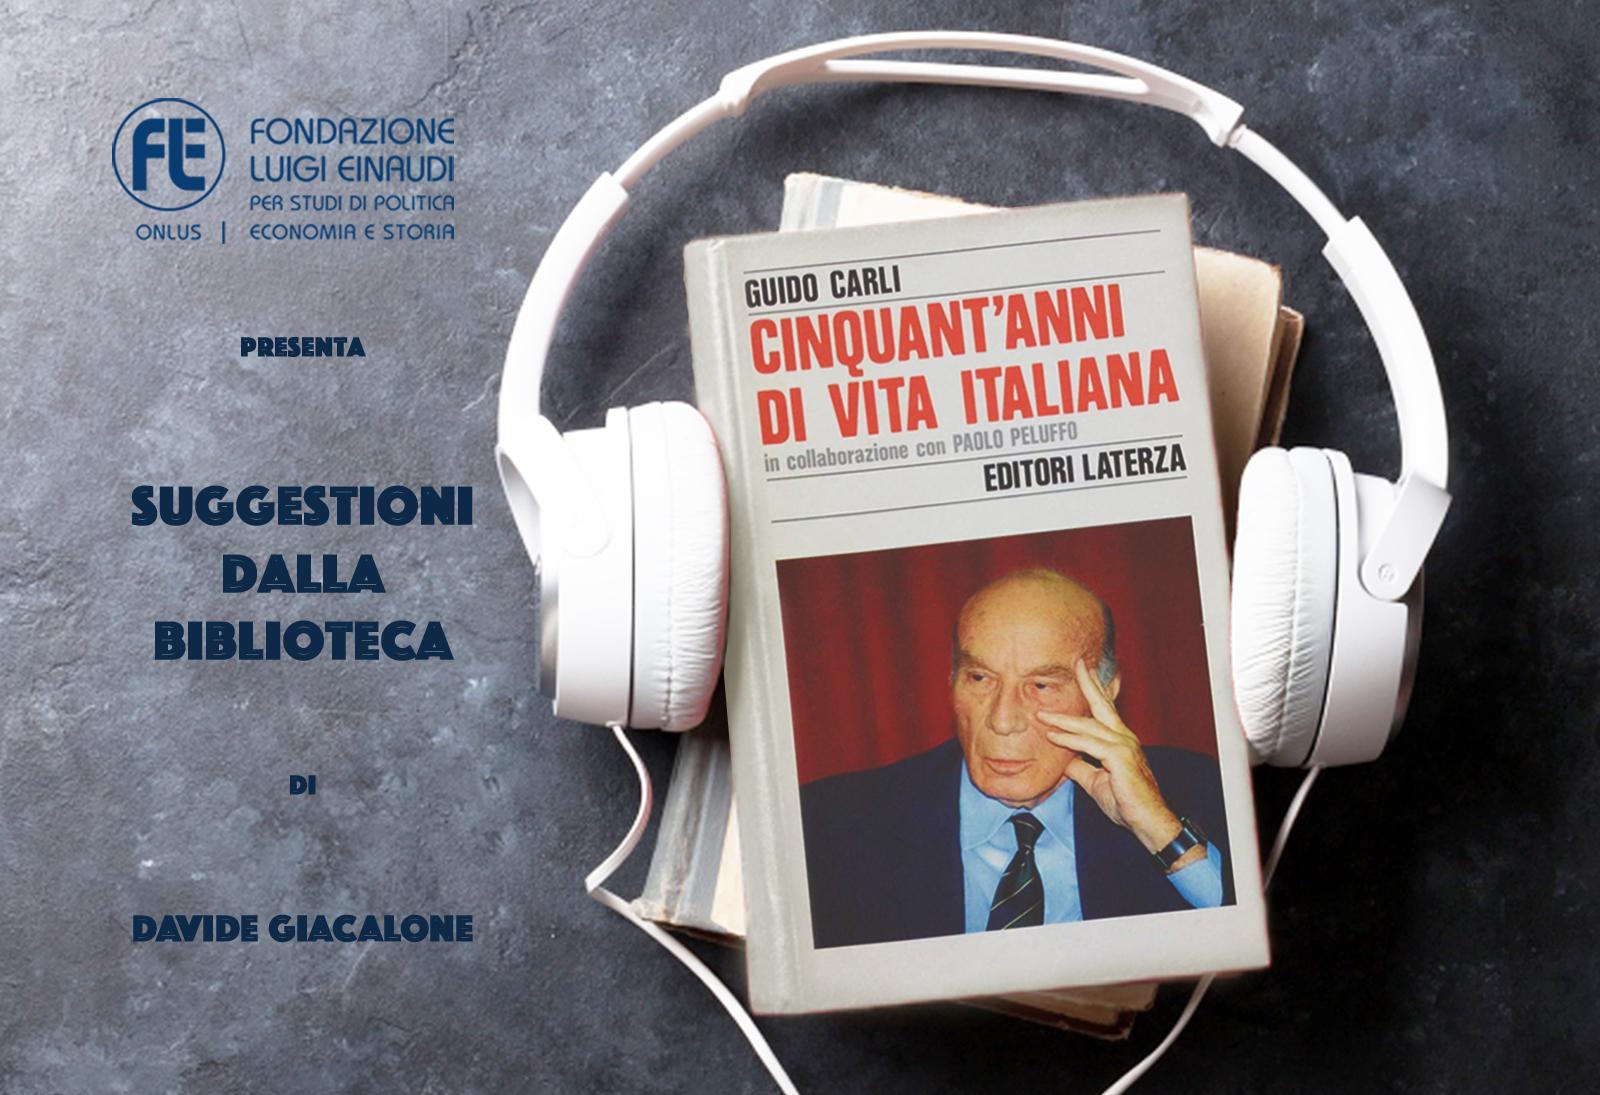 Guido Carli – Cinquant'anni di vita italiana